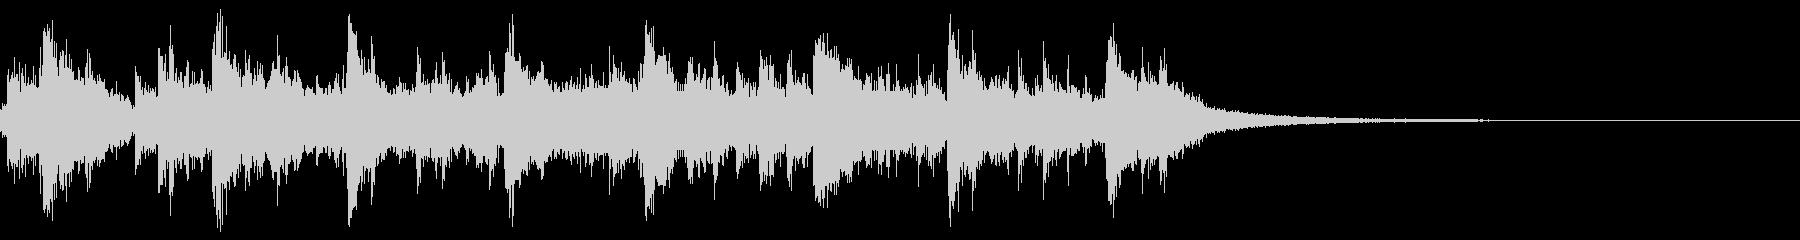 カオス2 ジャズ楽器 滅茶苦茶 感電の未再生の波形